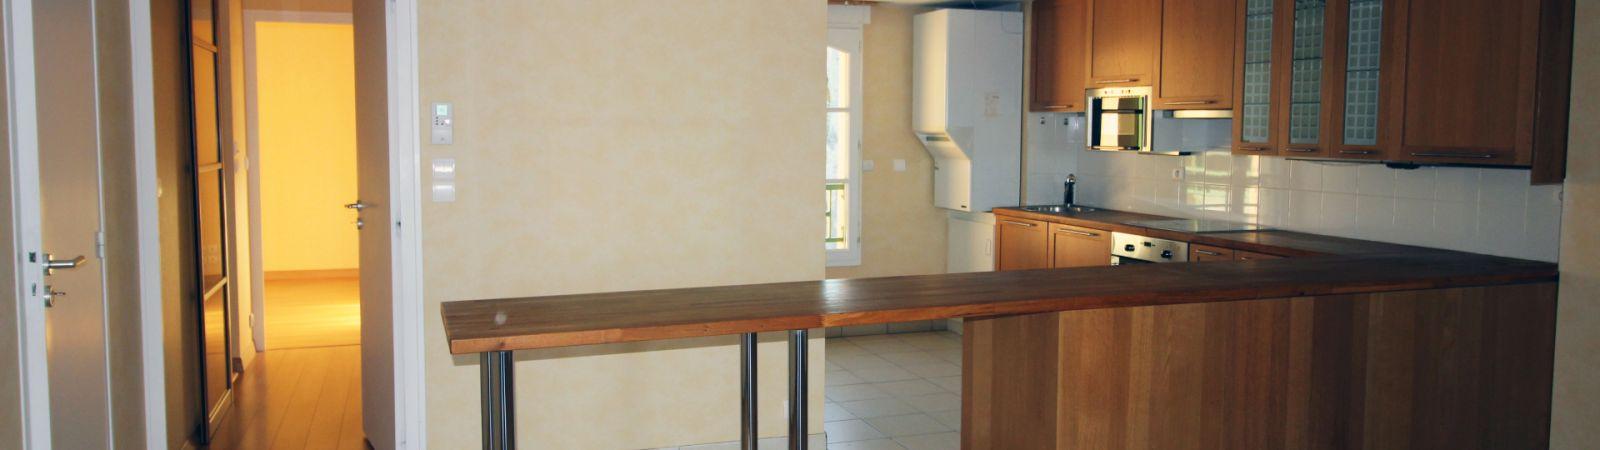 photo 3: Emplacement privilégié pour cet appartement de standing en duplex